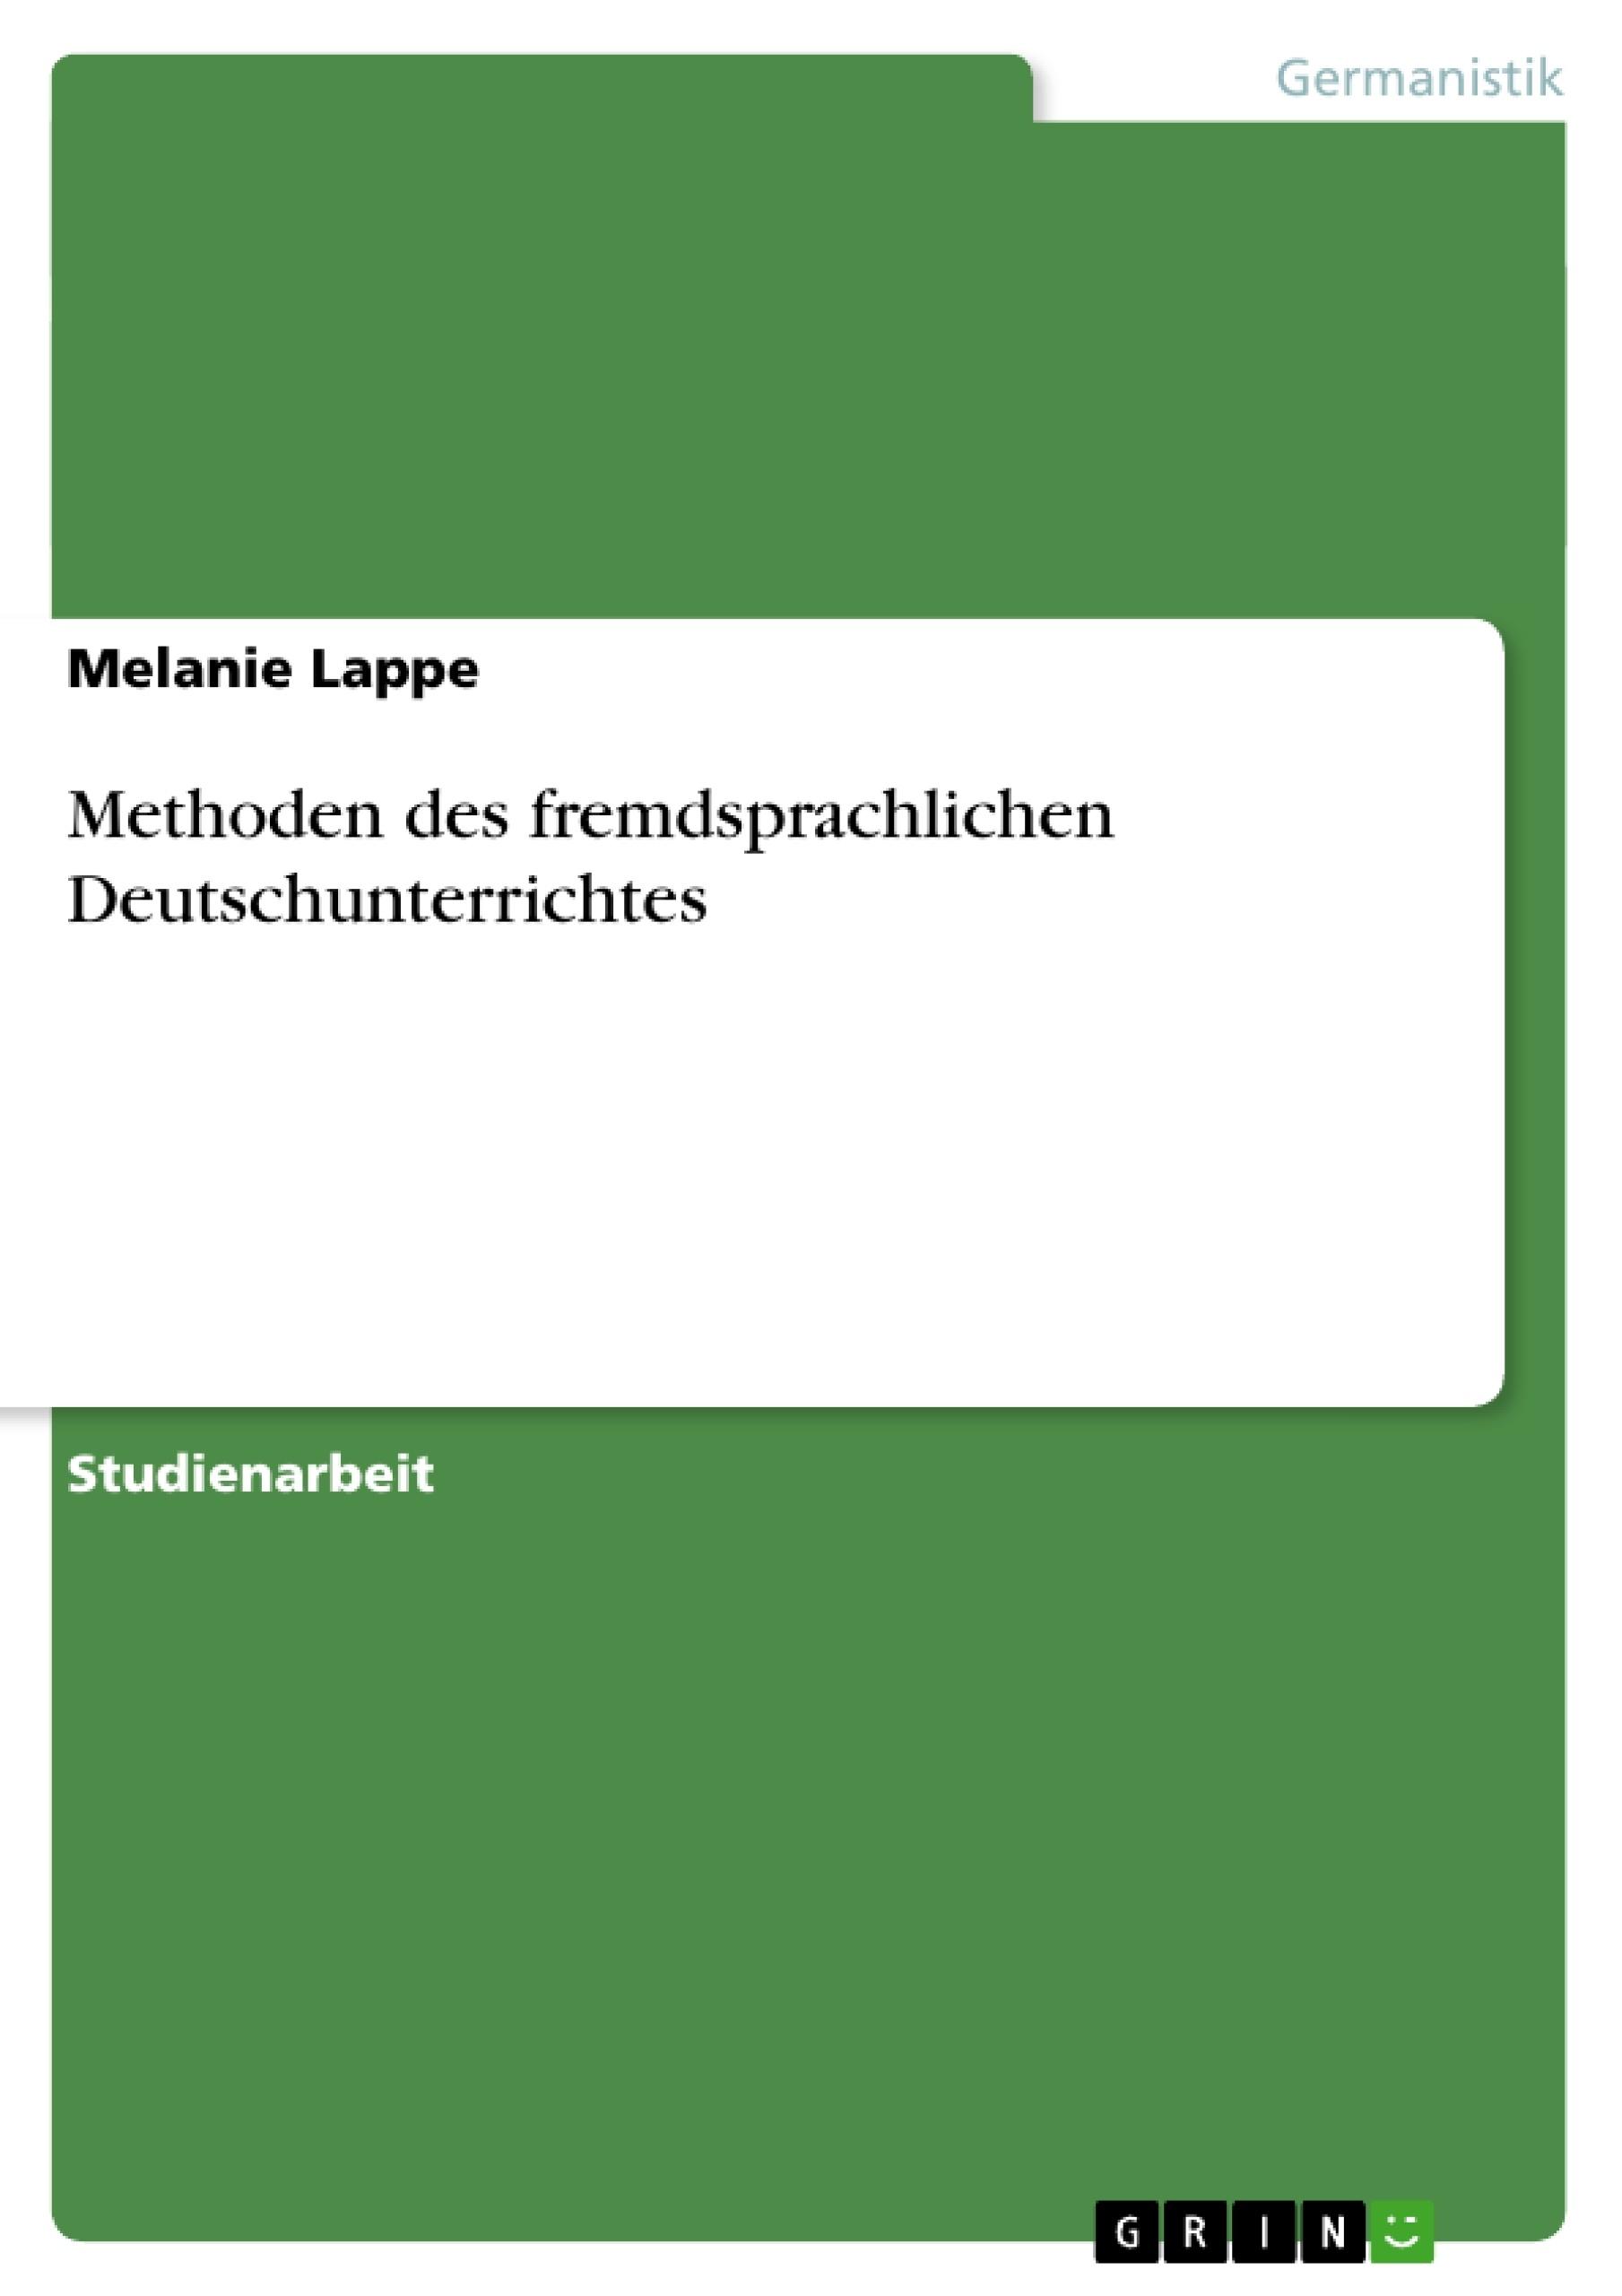 Titel: Methoden des fremdsprachlichen Deutschunterrichtes